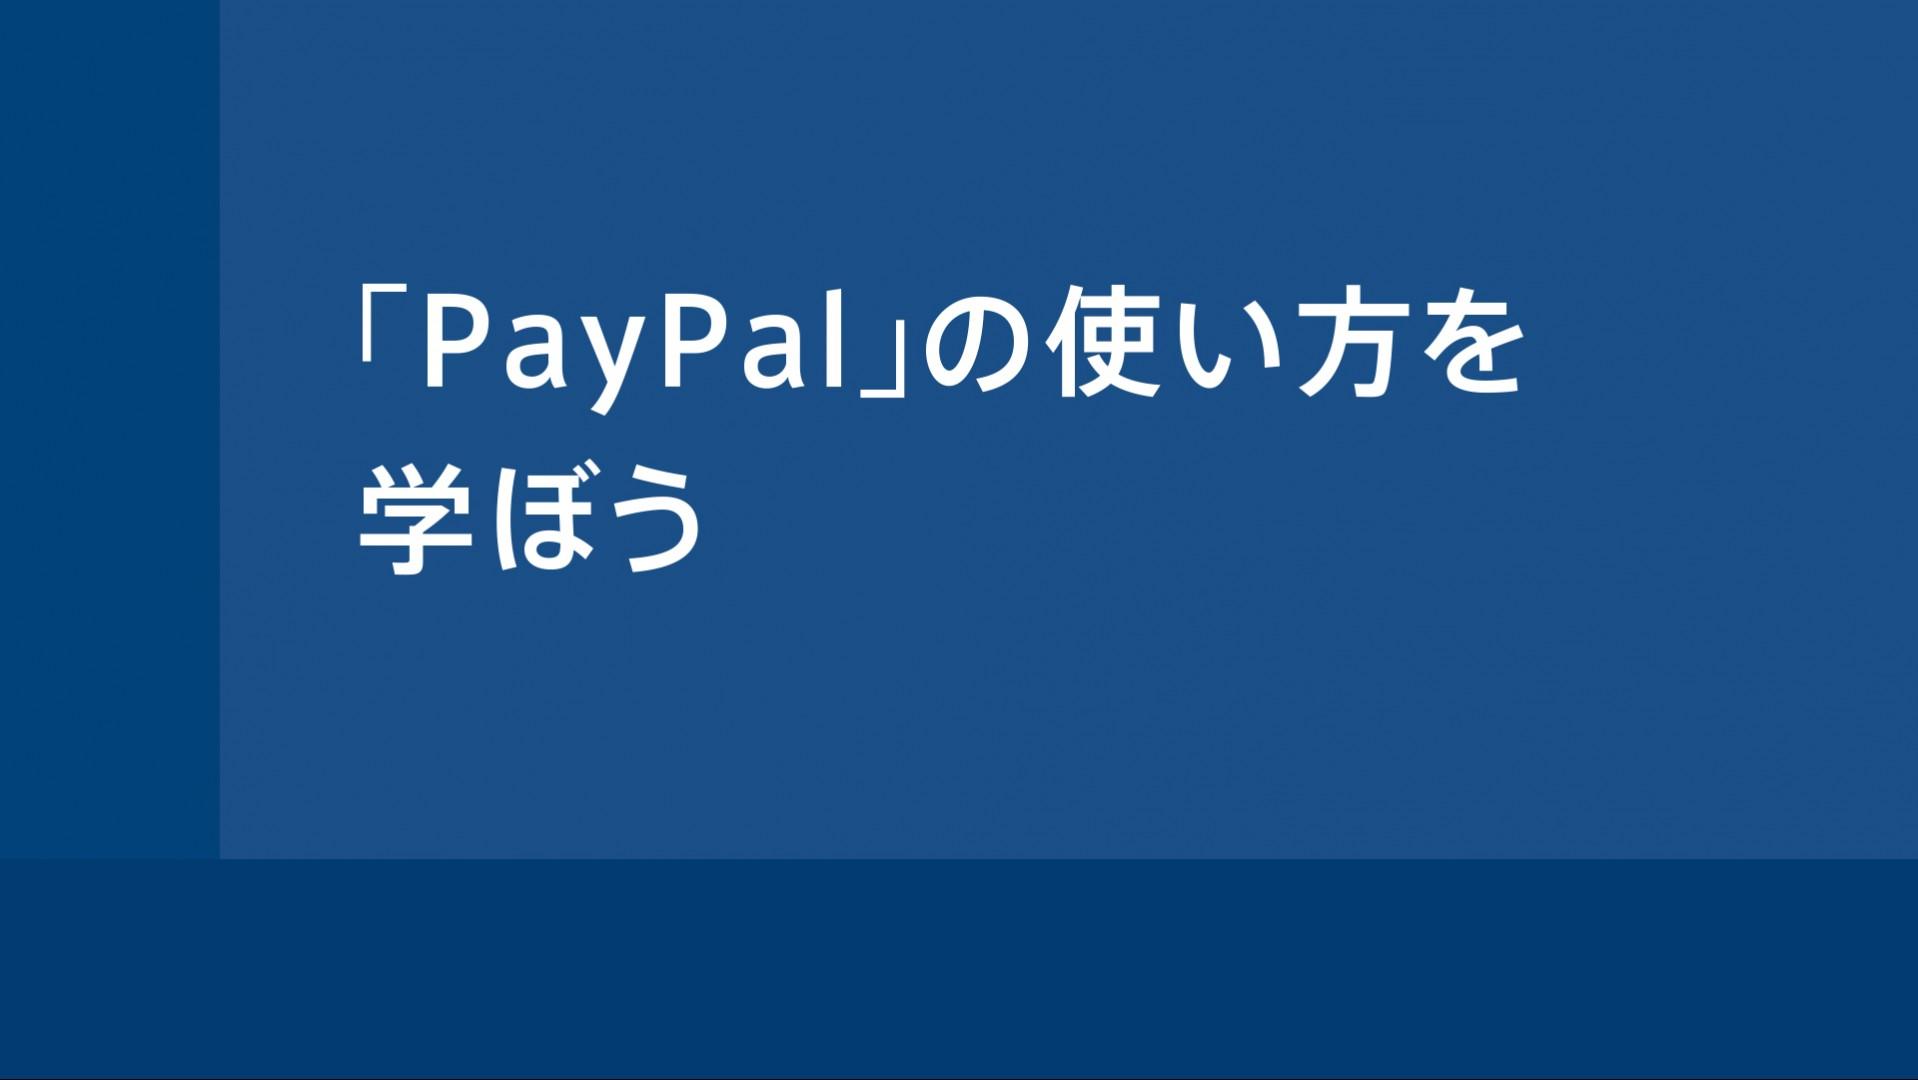 PayPal クレジットカードの確認・認証作業